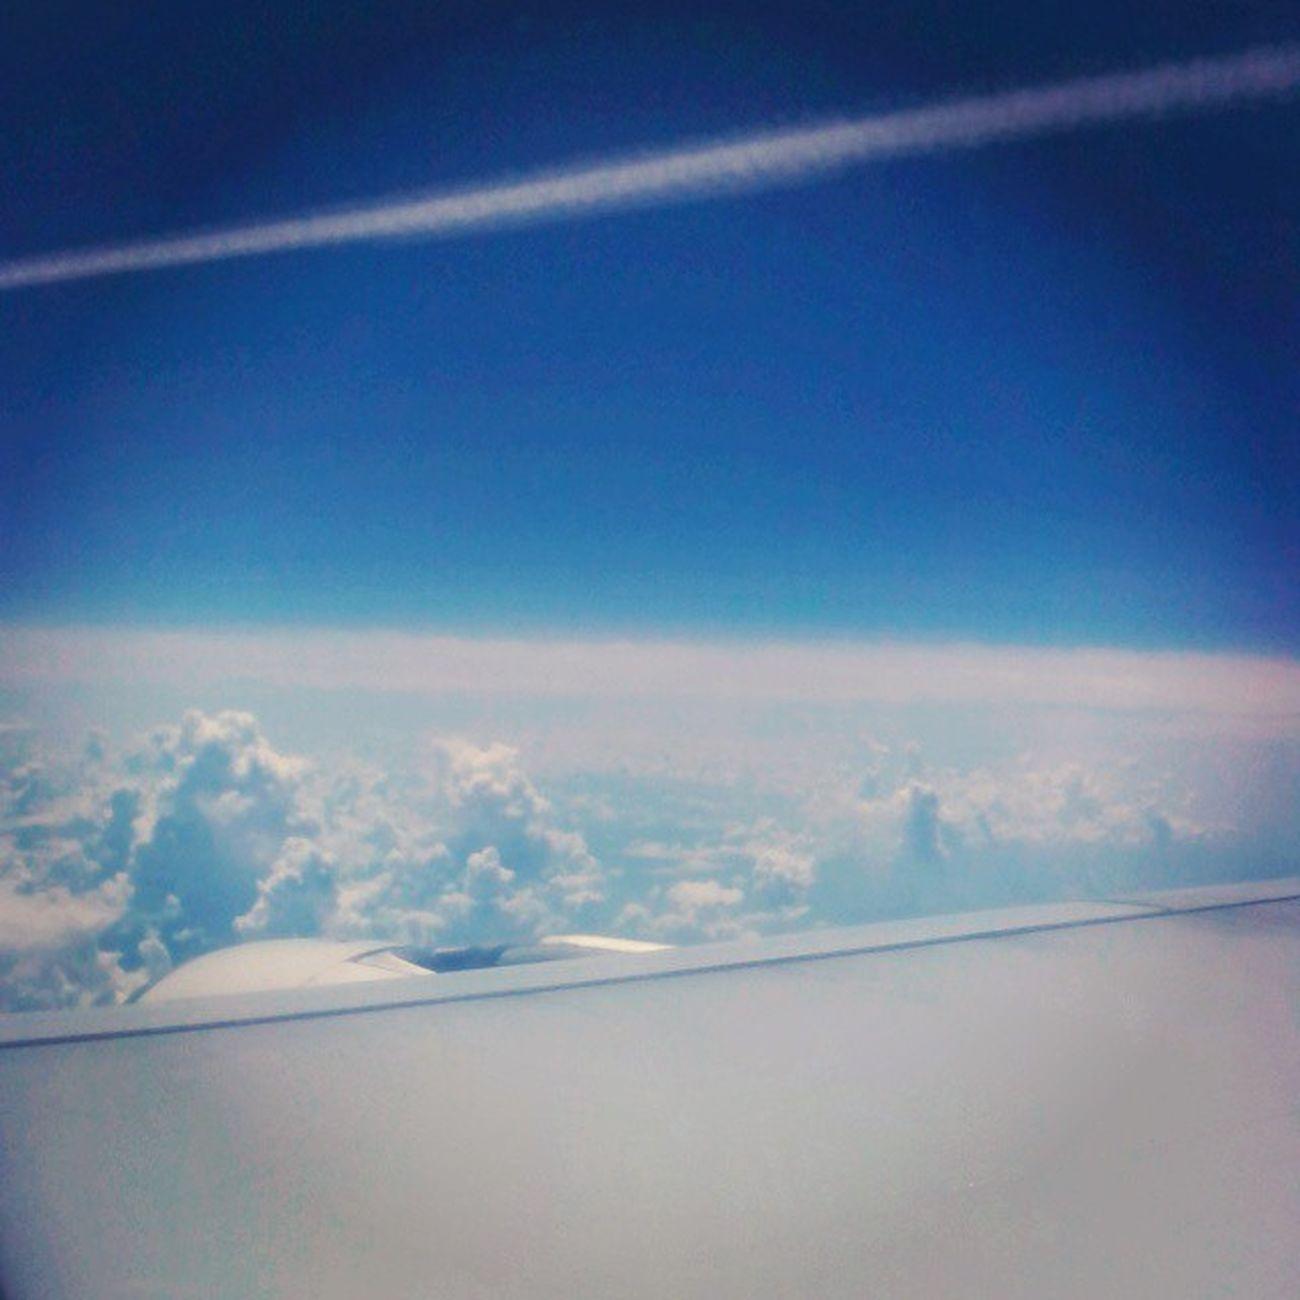 อรุณสวัสดิ์ การบินไทยรักคุณเท่าฟ้า ท่าอากาศยานสุวรรณภูมิ